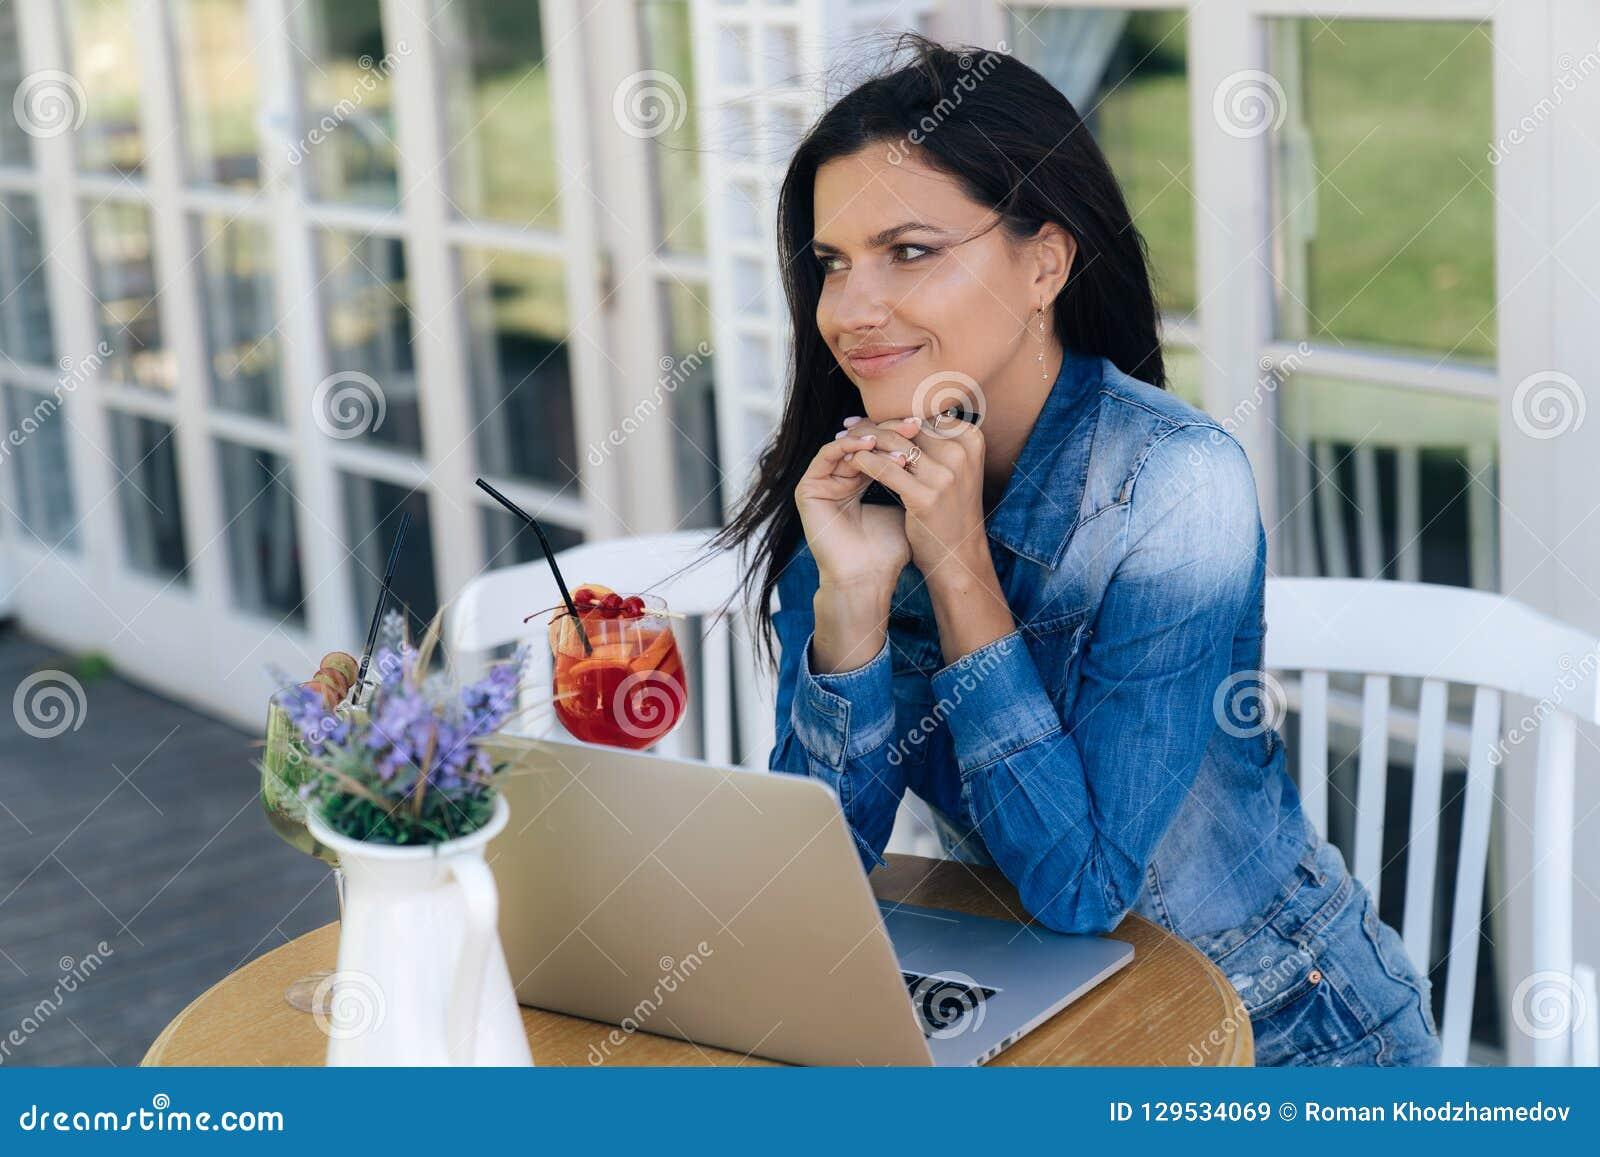 Работа девушке моделью бобров тюмень работа вакансии для девушек